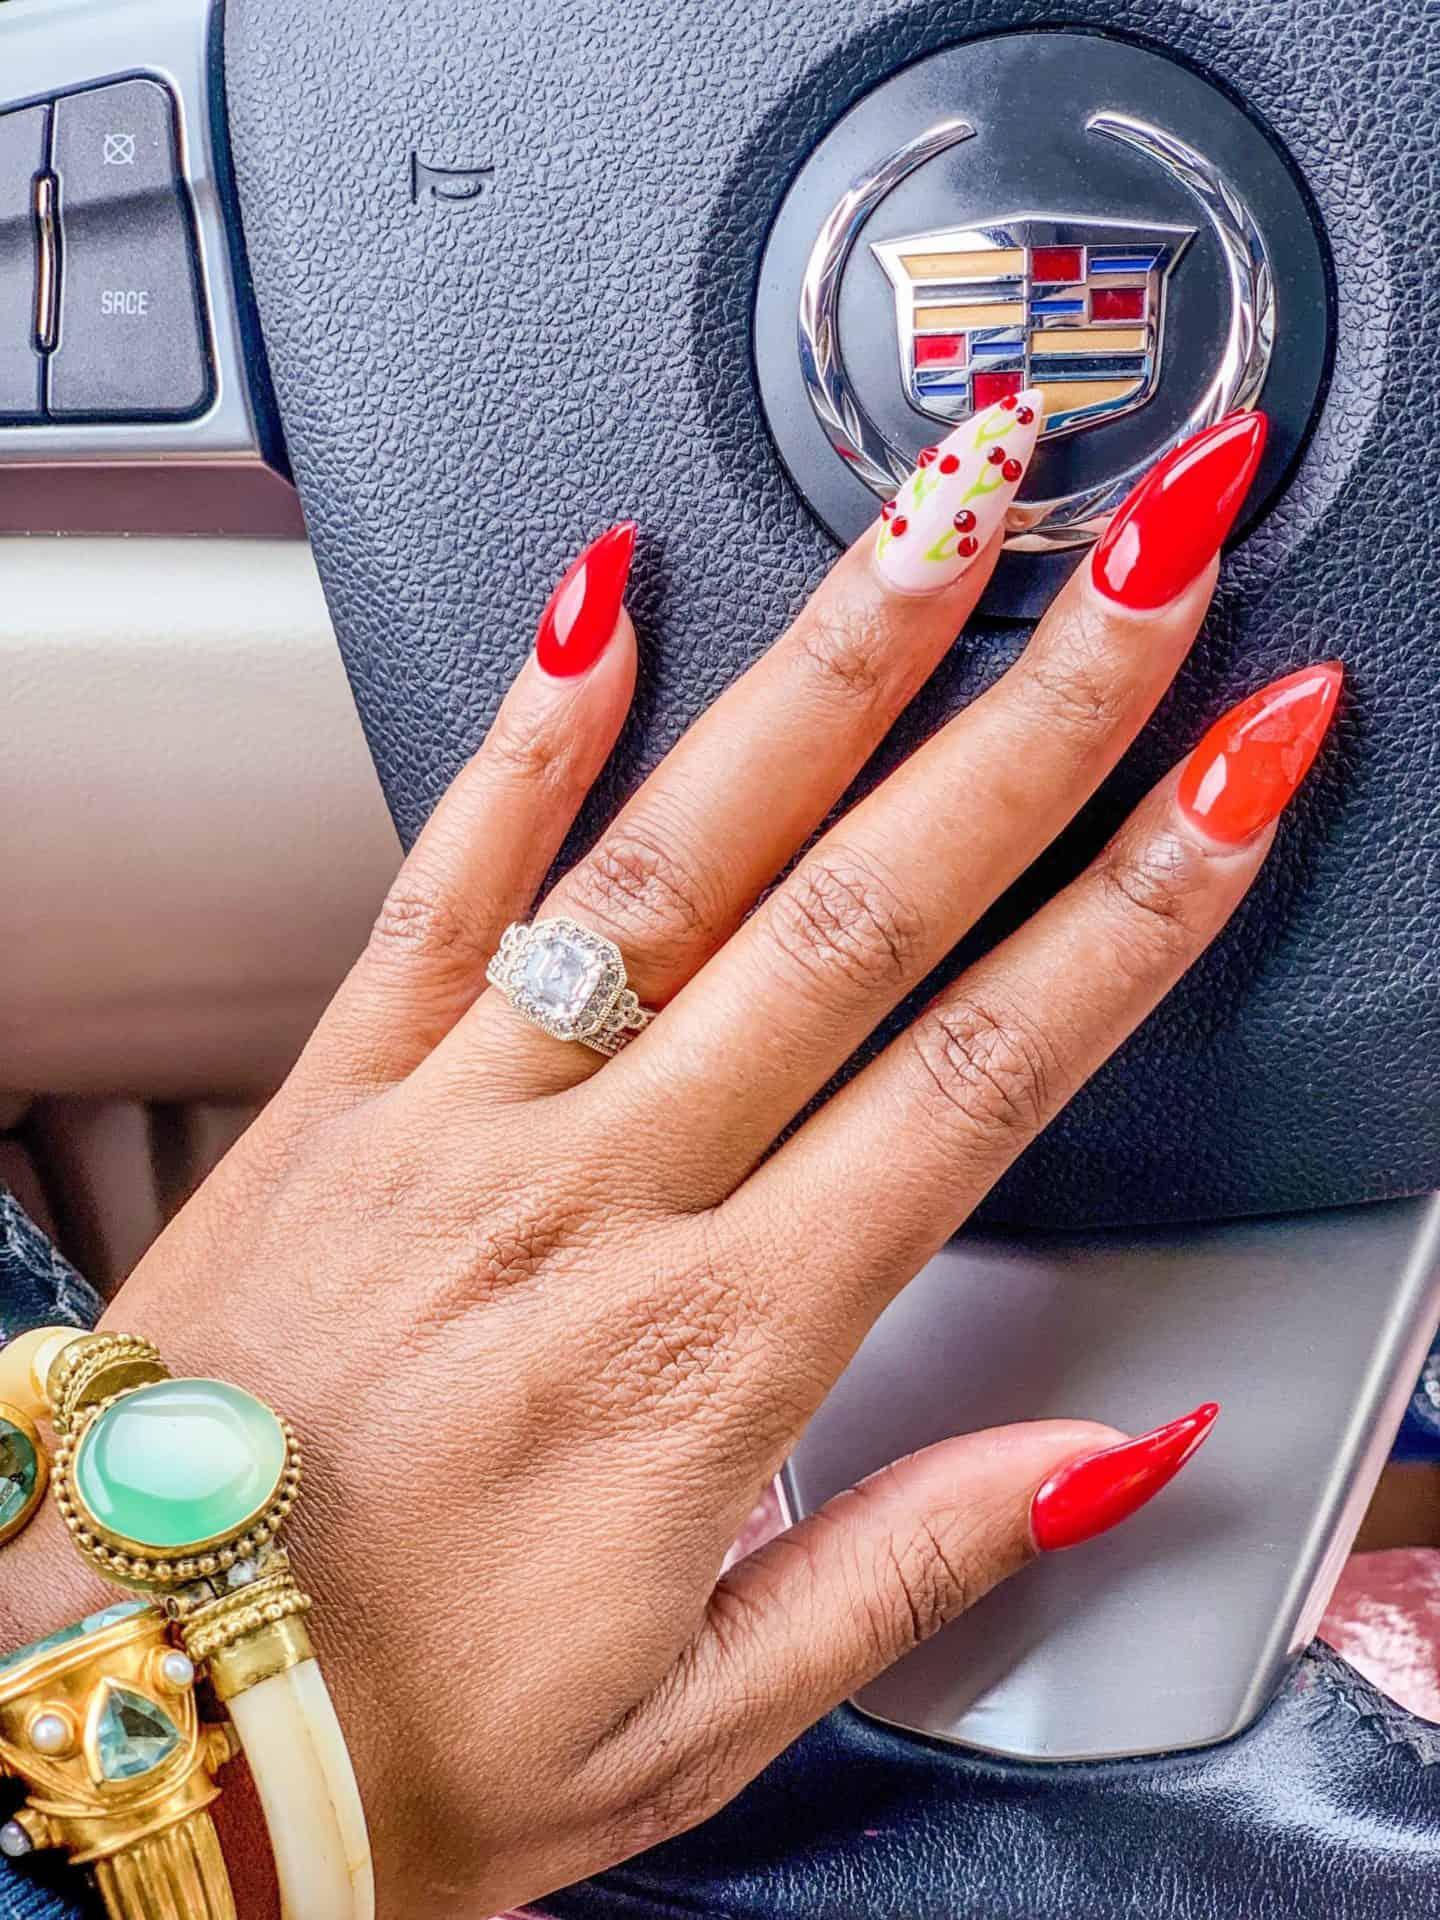 Wonder Nails x Shaunda Necle Cadillac Nail Art Designs